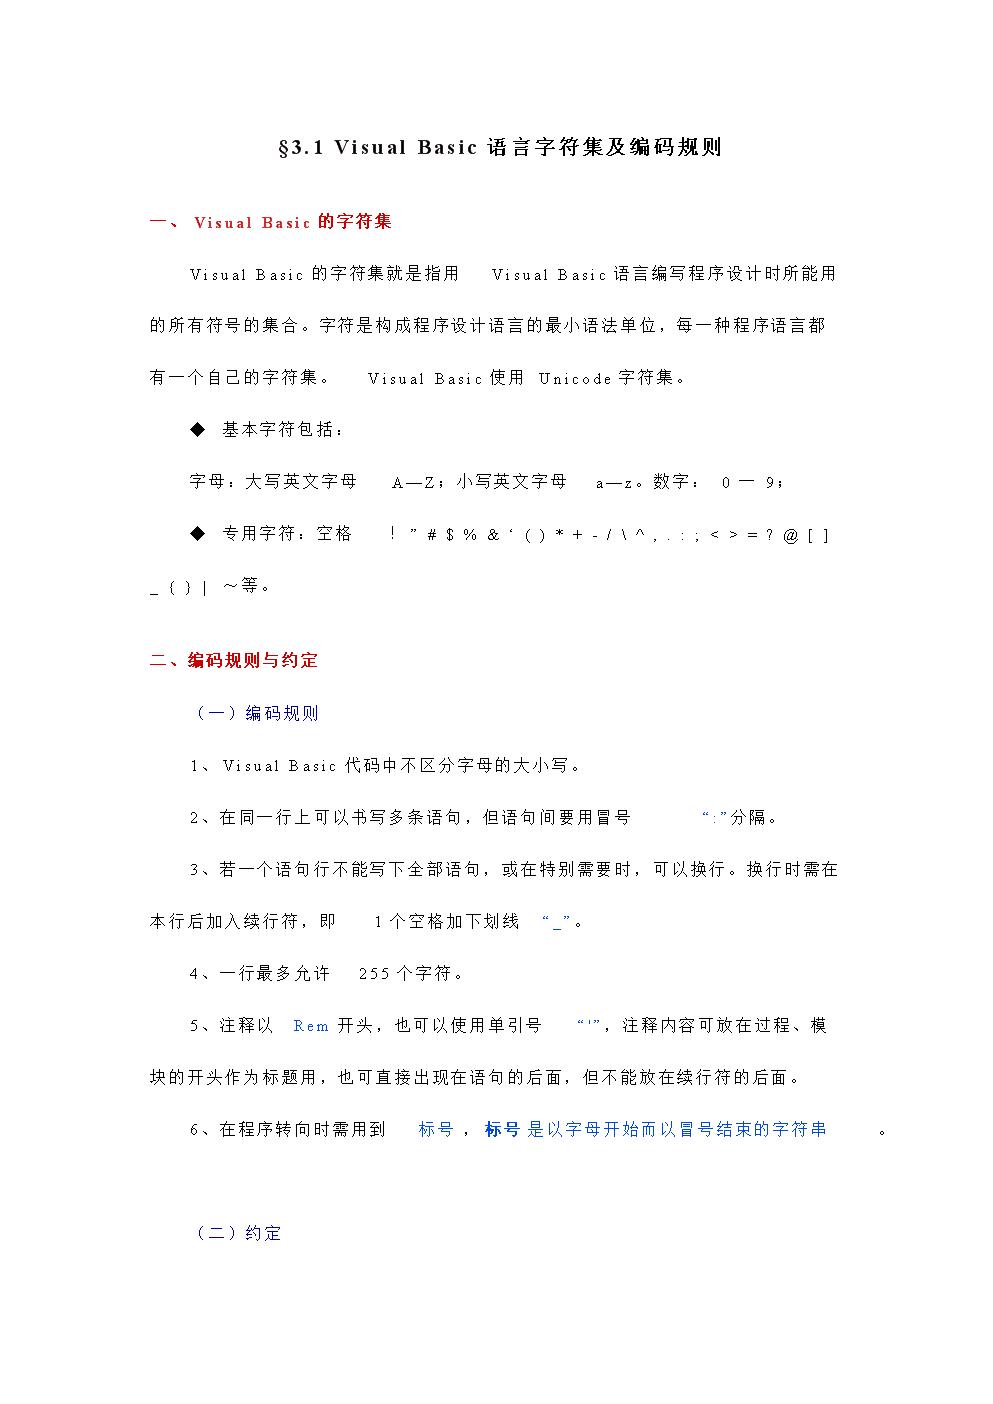 码农手册 VB语言基础.doc